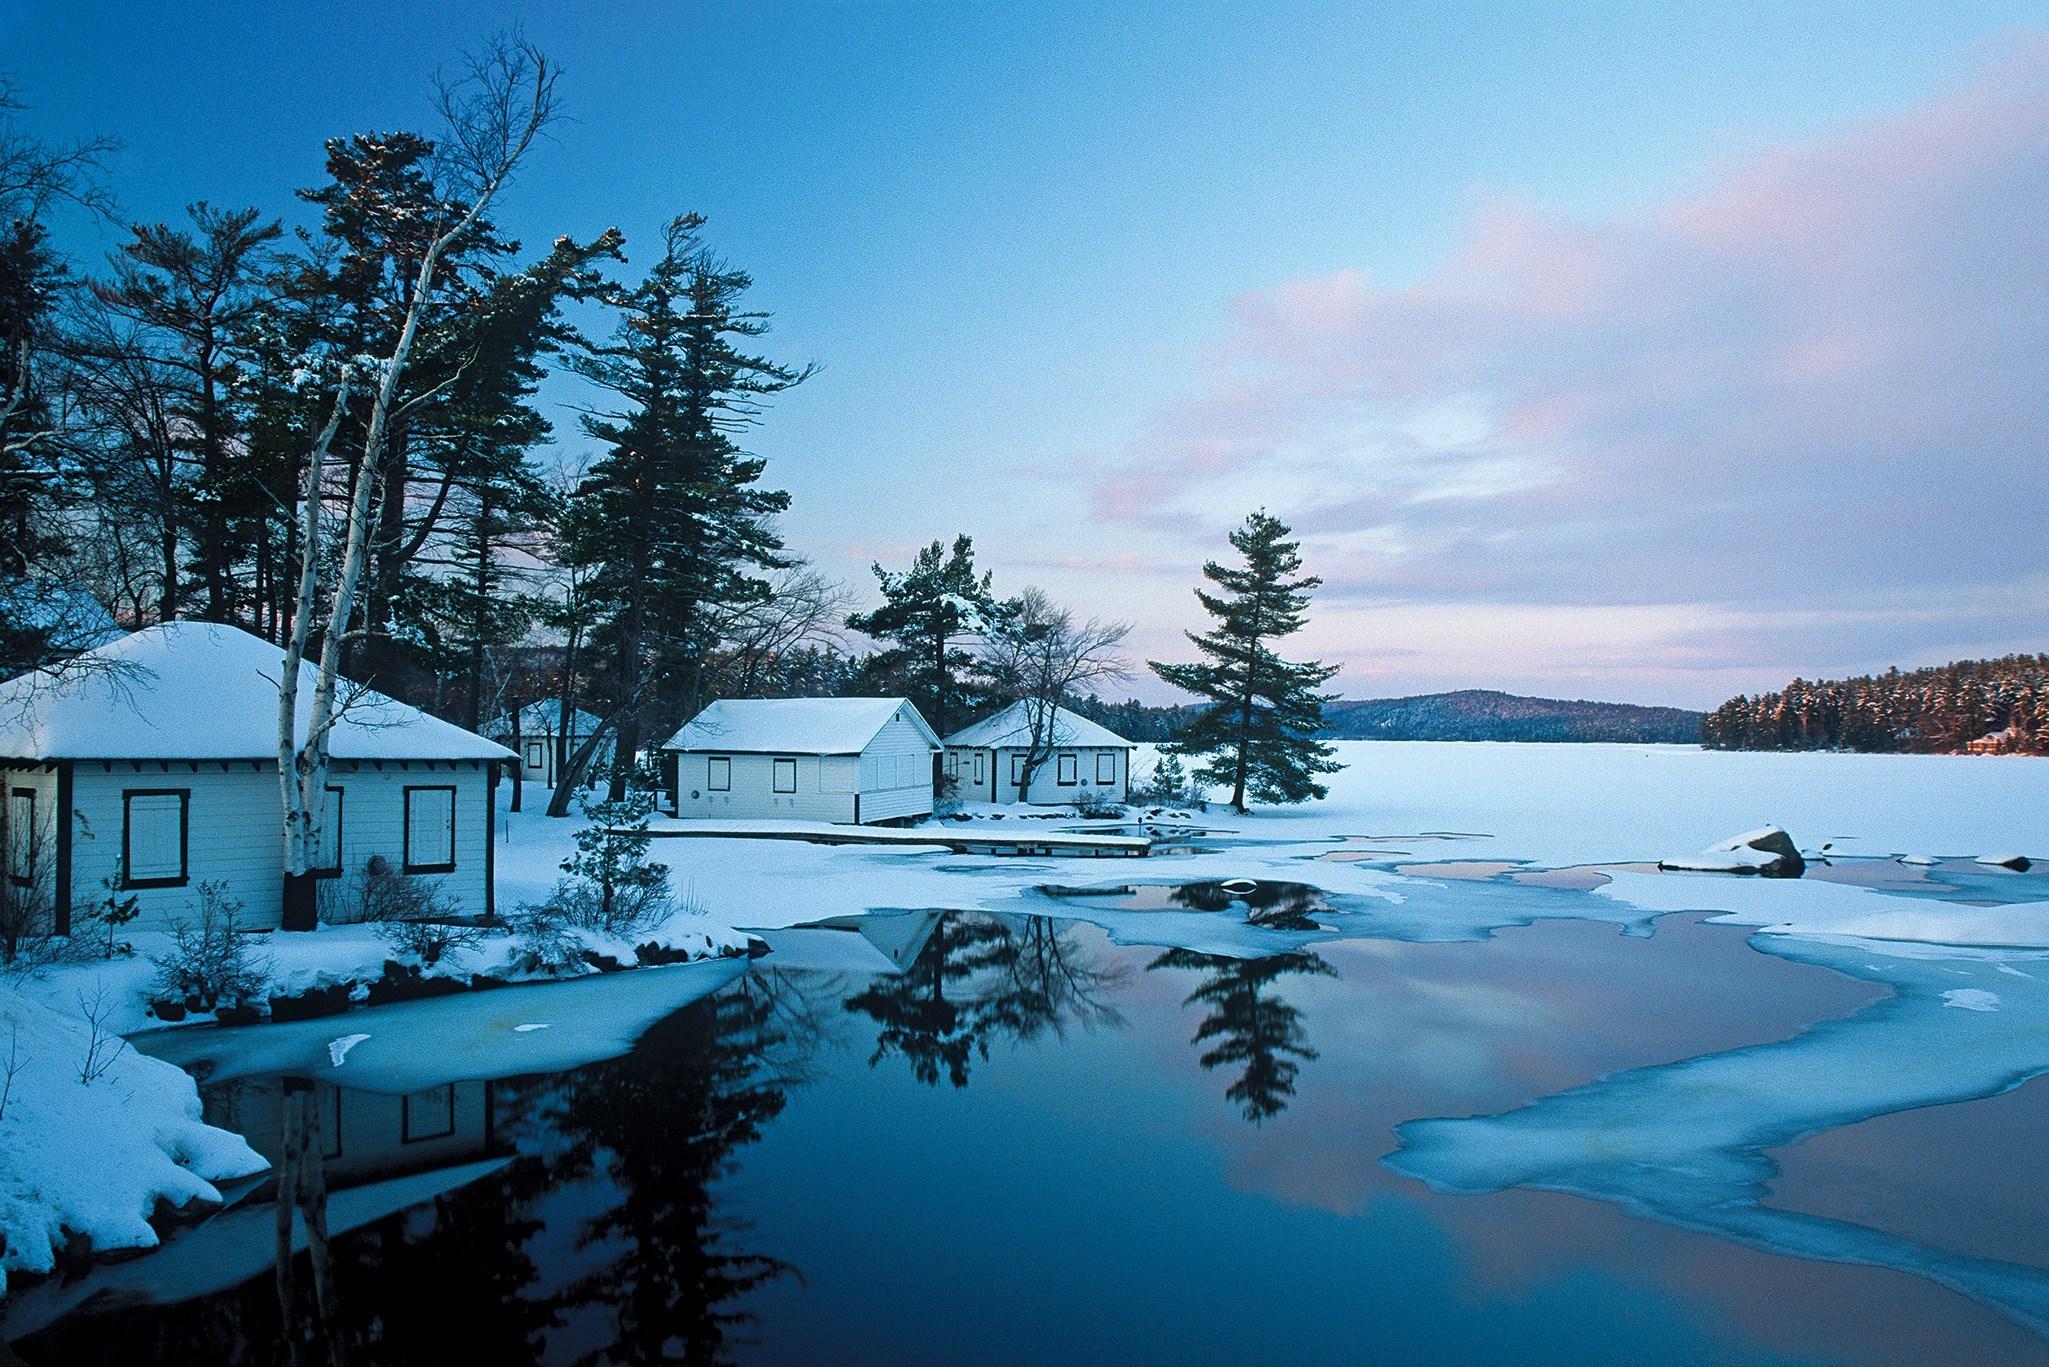 Mùa đông tuyết phủ cực kỳ đẹp